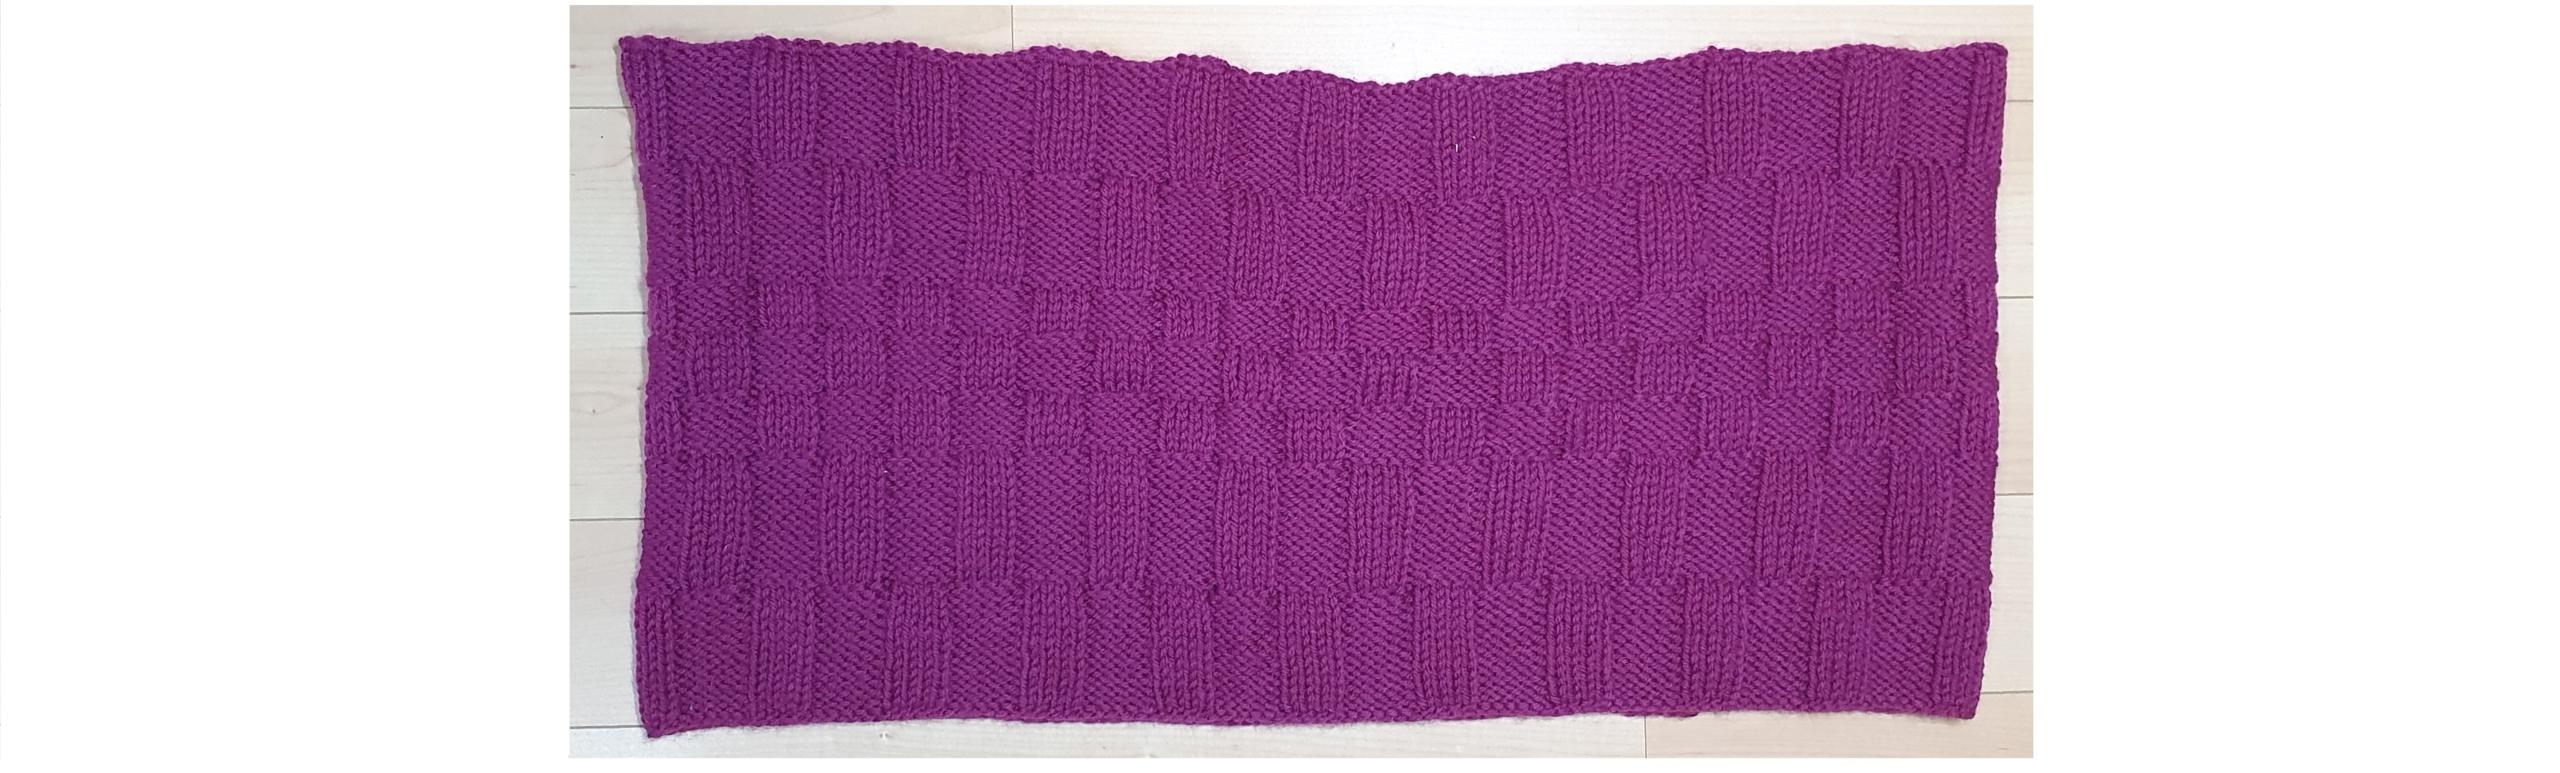 Wol & Co col sjaal met relief steek